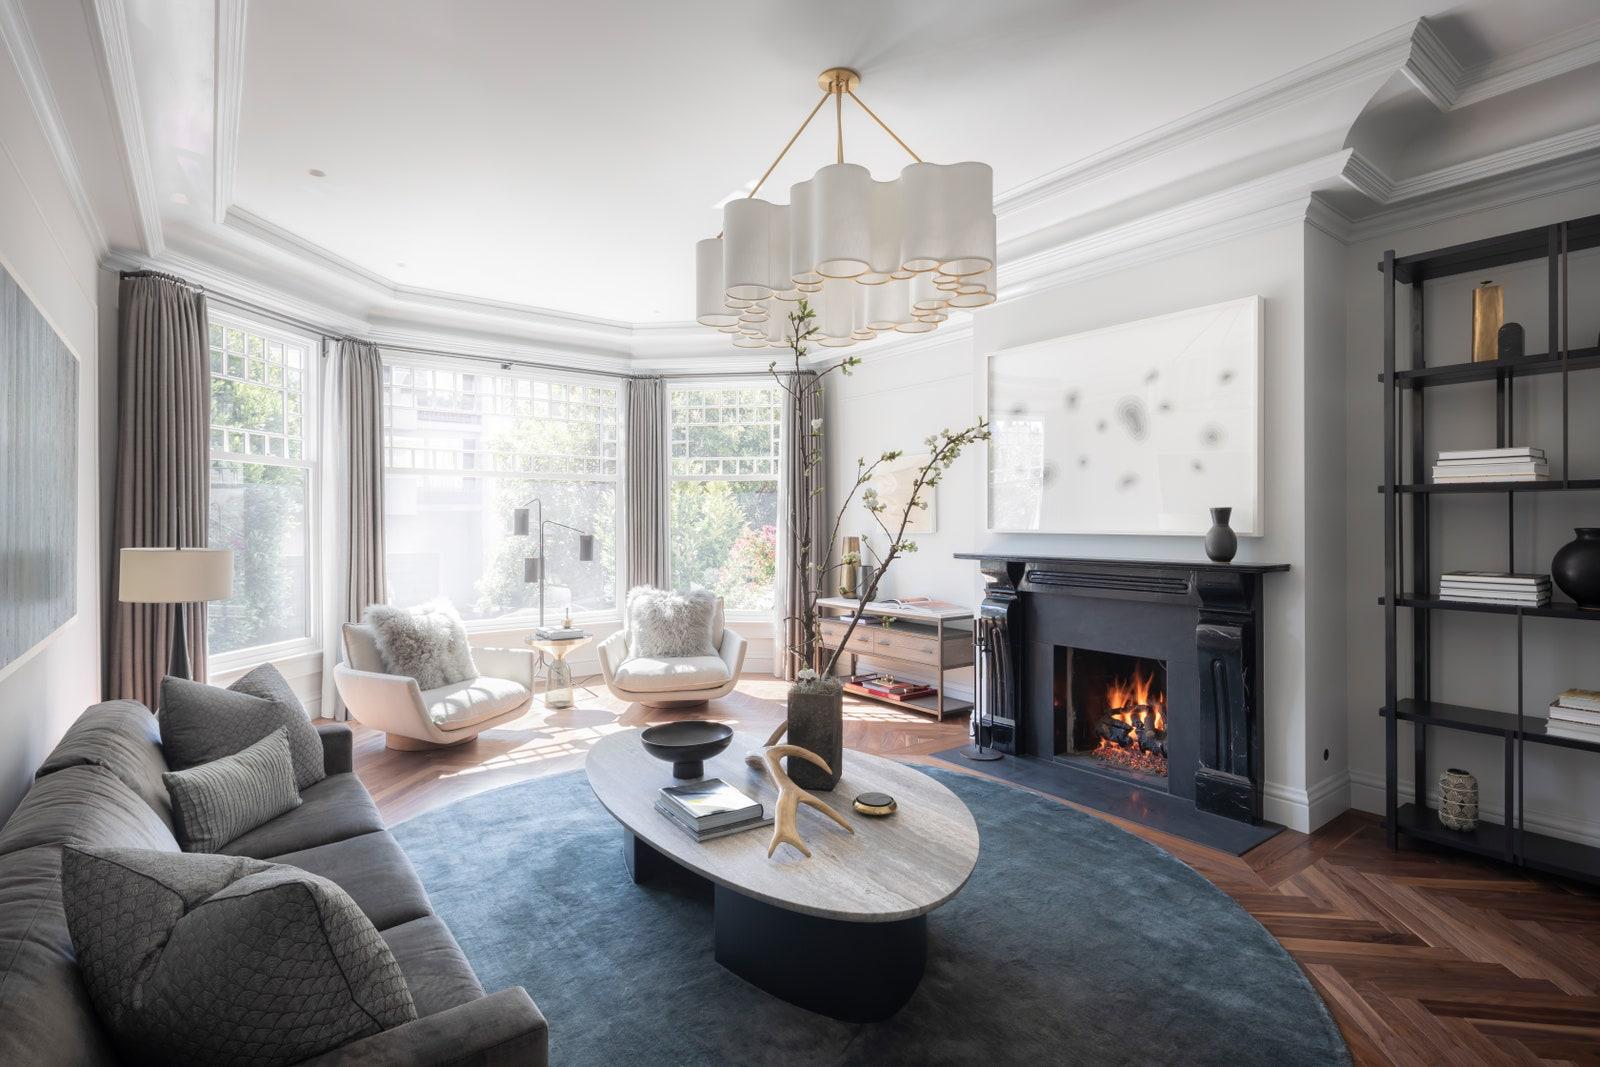 2a78e 00810922%283%29 Meg Ryans Former San Francisco Home Sells for $17.3 million